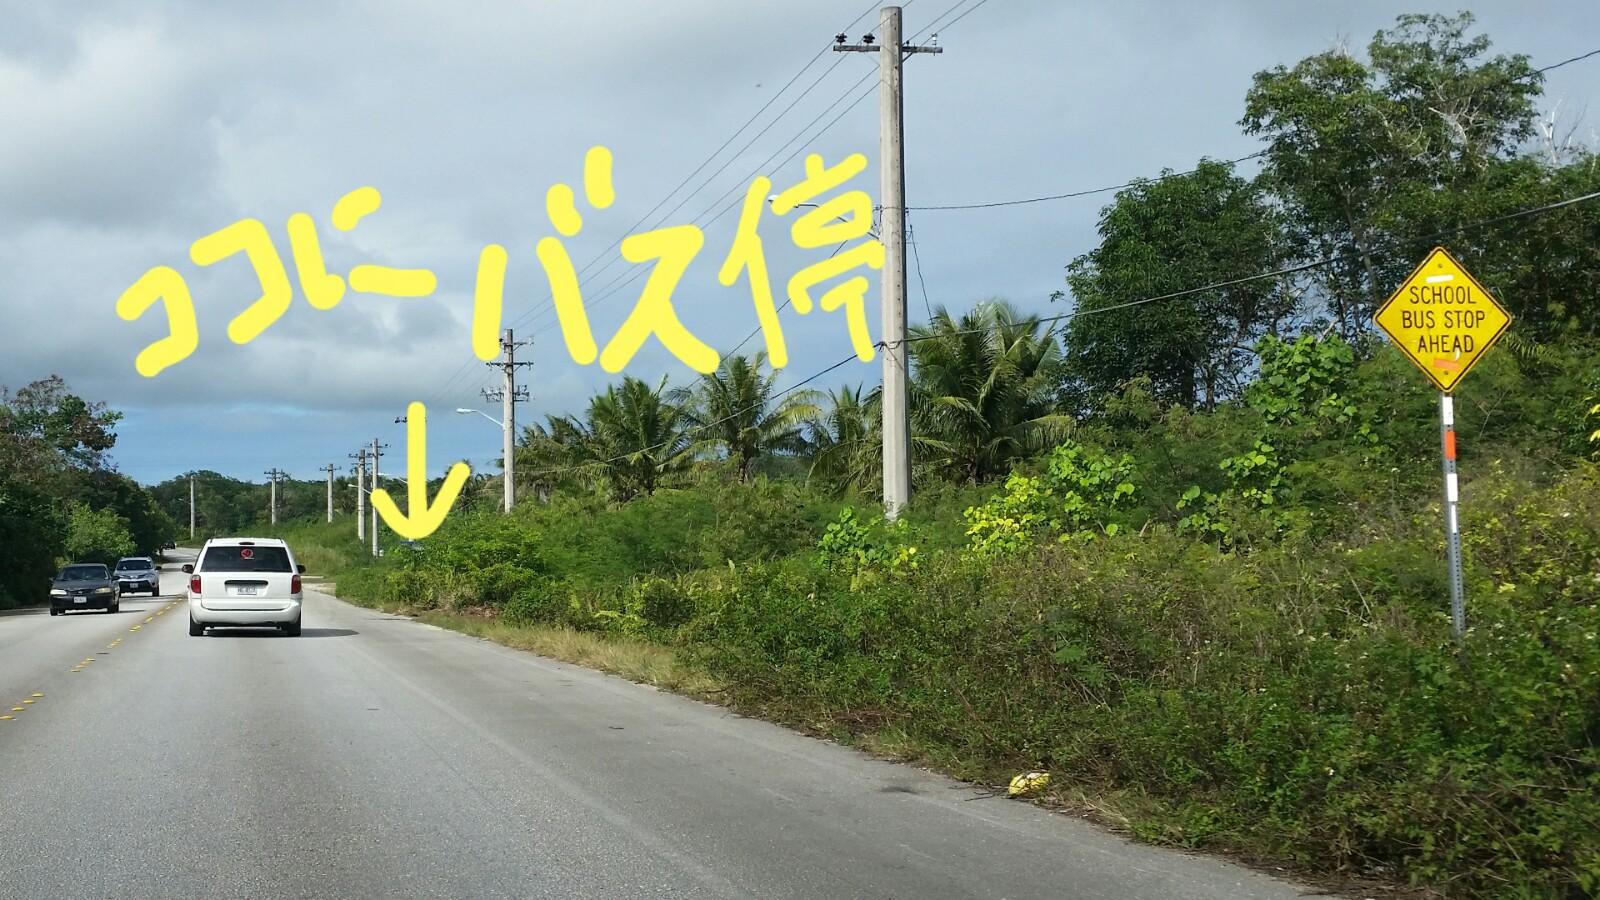 アメリカグアムスクールバス注意点標識